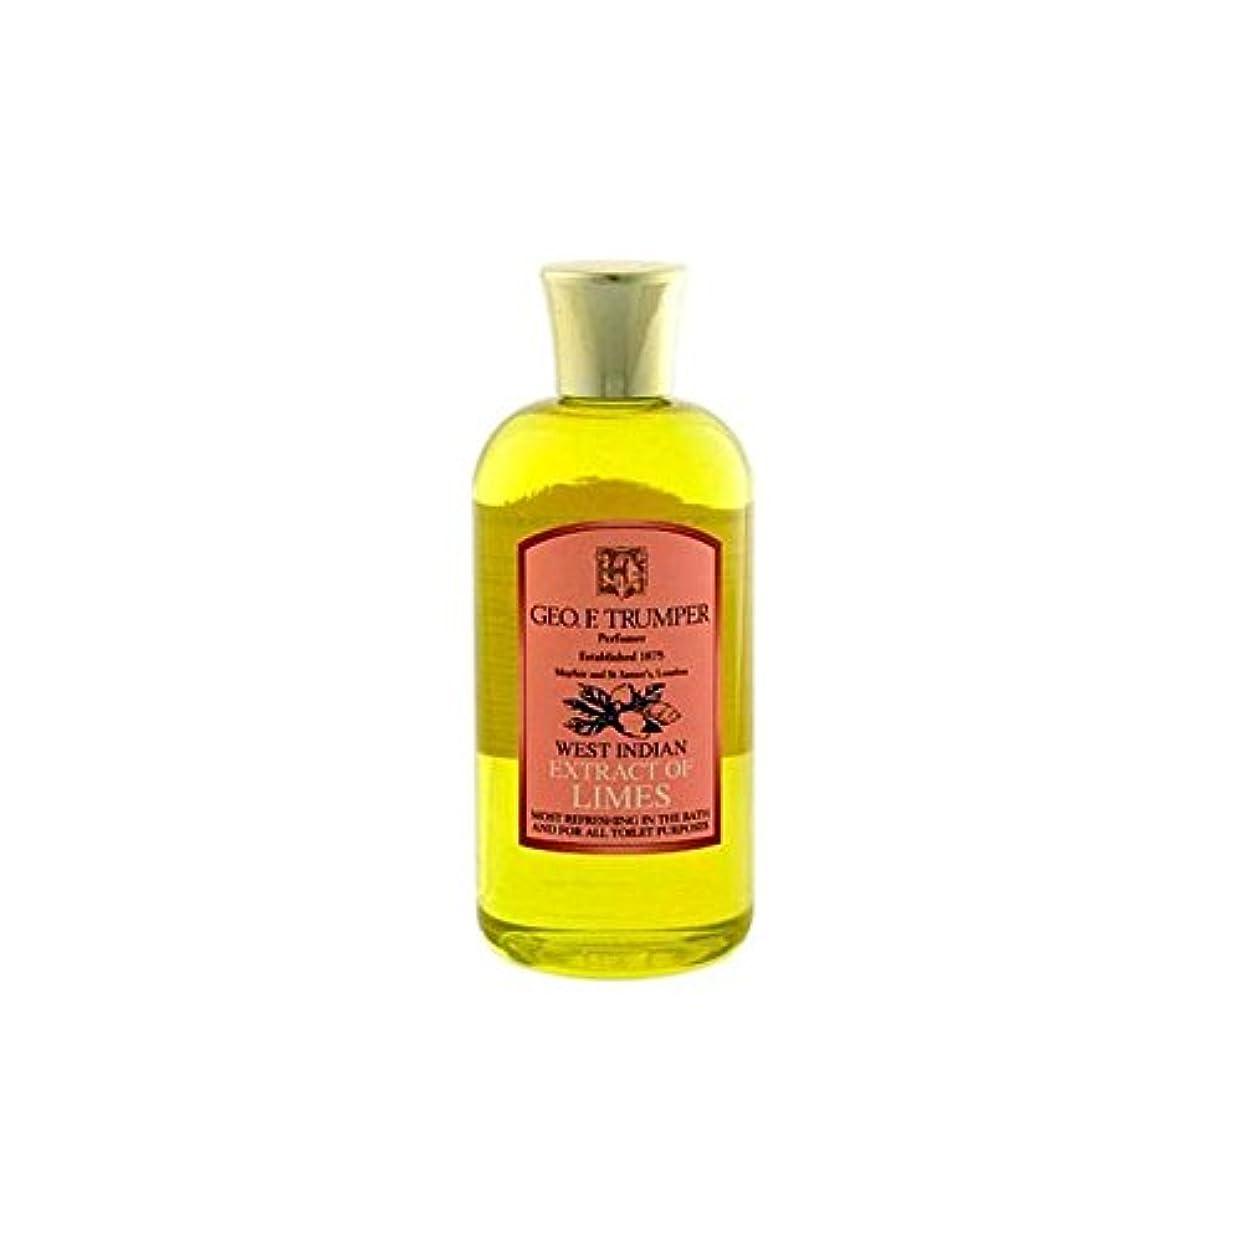 バンドル痛いグリーンバックTrumpers Extracts of Limes Bath and Shower Gel 200ml (Pack of 6) - ライムのバスタブとシャワージェル200の抽出物を x6 [並行輸入品]